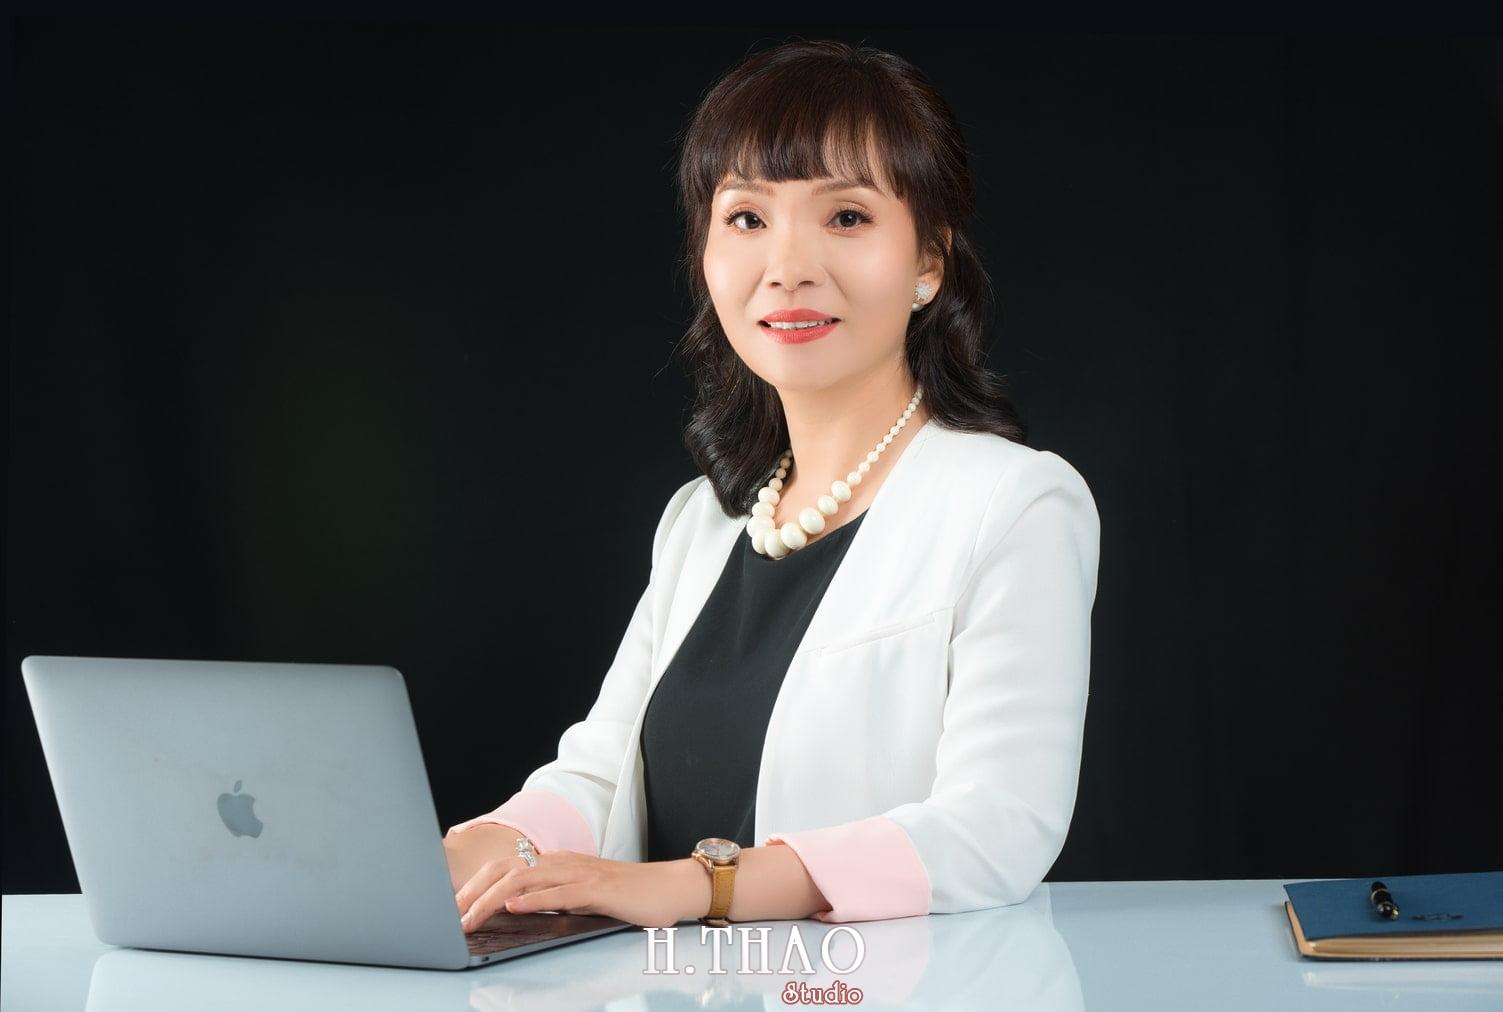 Chi Quynh 9 - Bộ ảnh Doanh nhân, Tiến sĩ V.T.B Quỳnh đẹp, sang trọng - HThao Studio